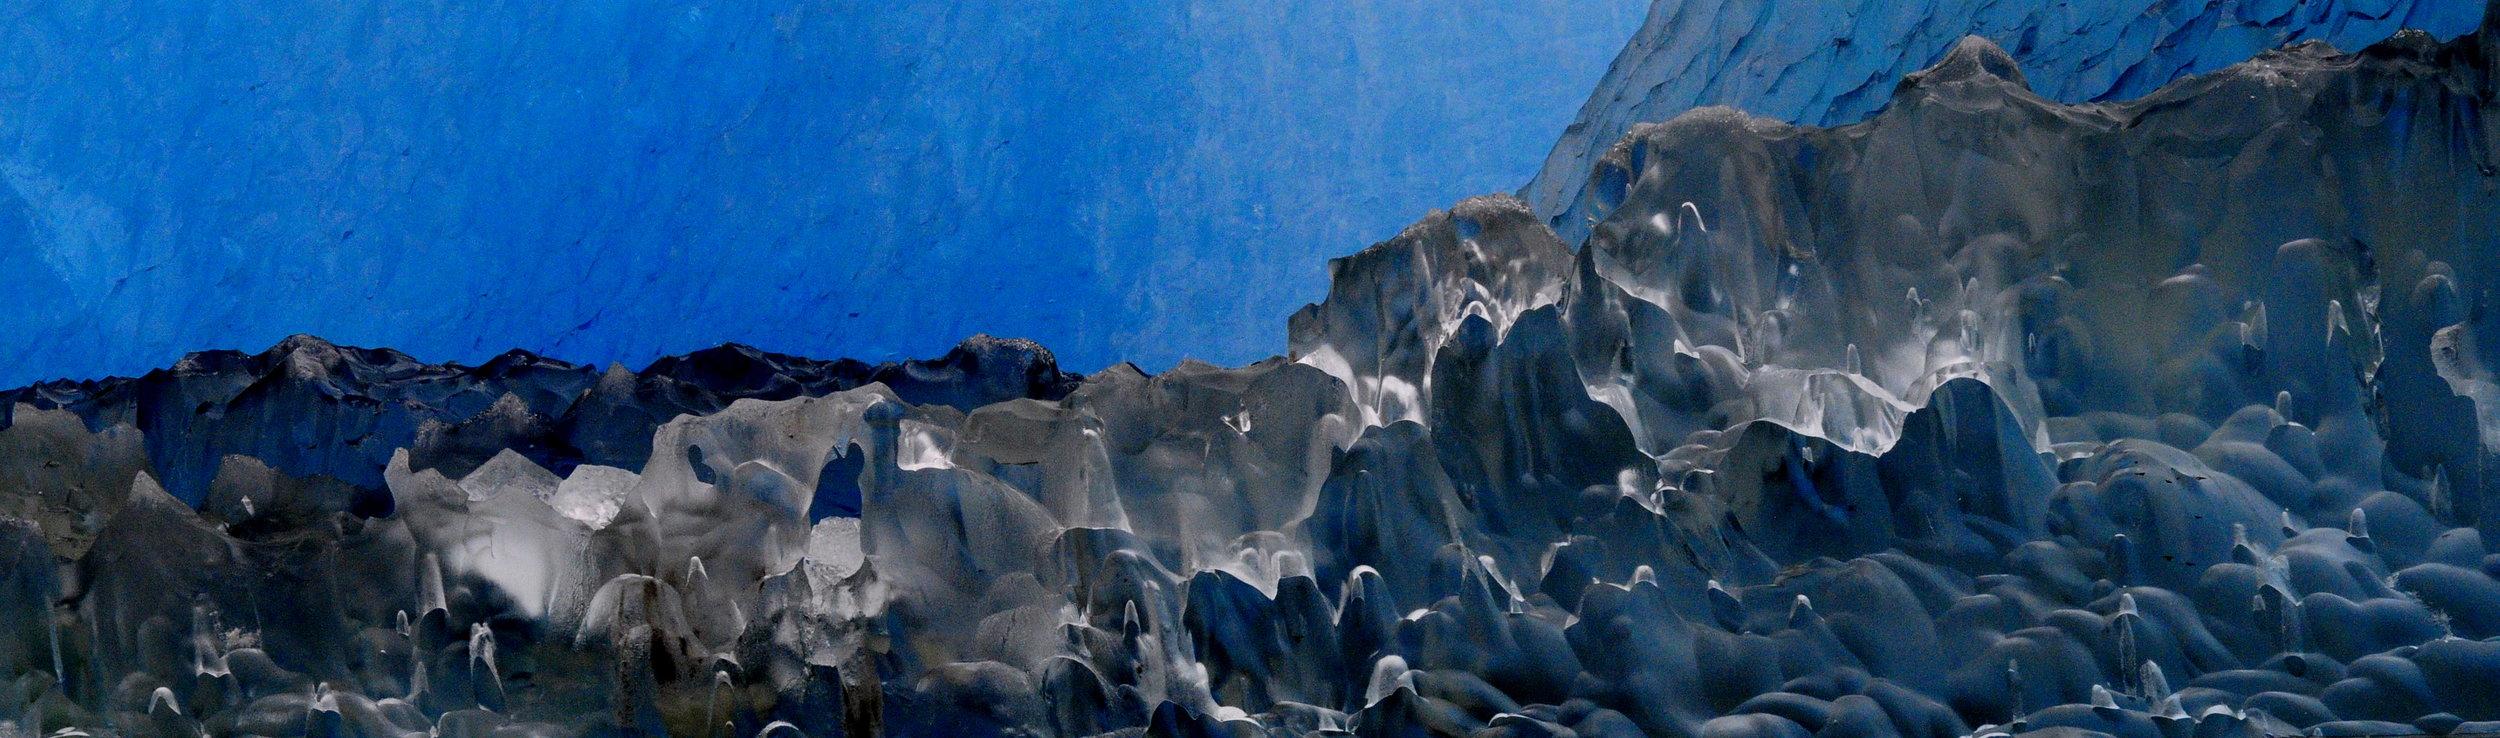 Glacier - Inner Passage, Alaska